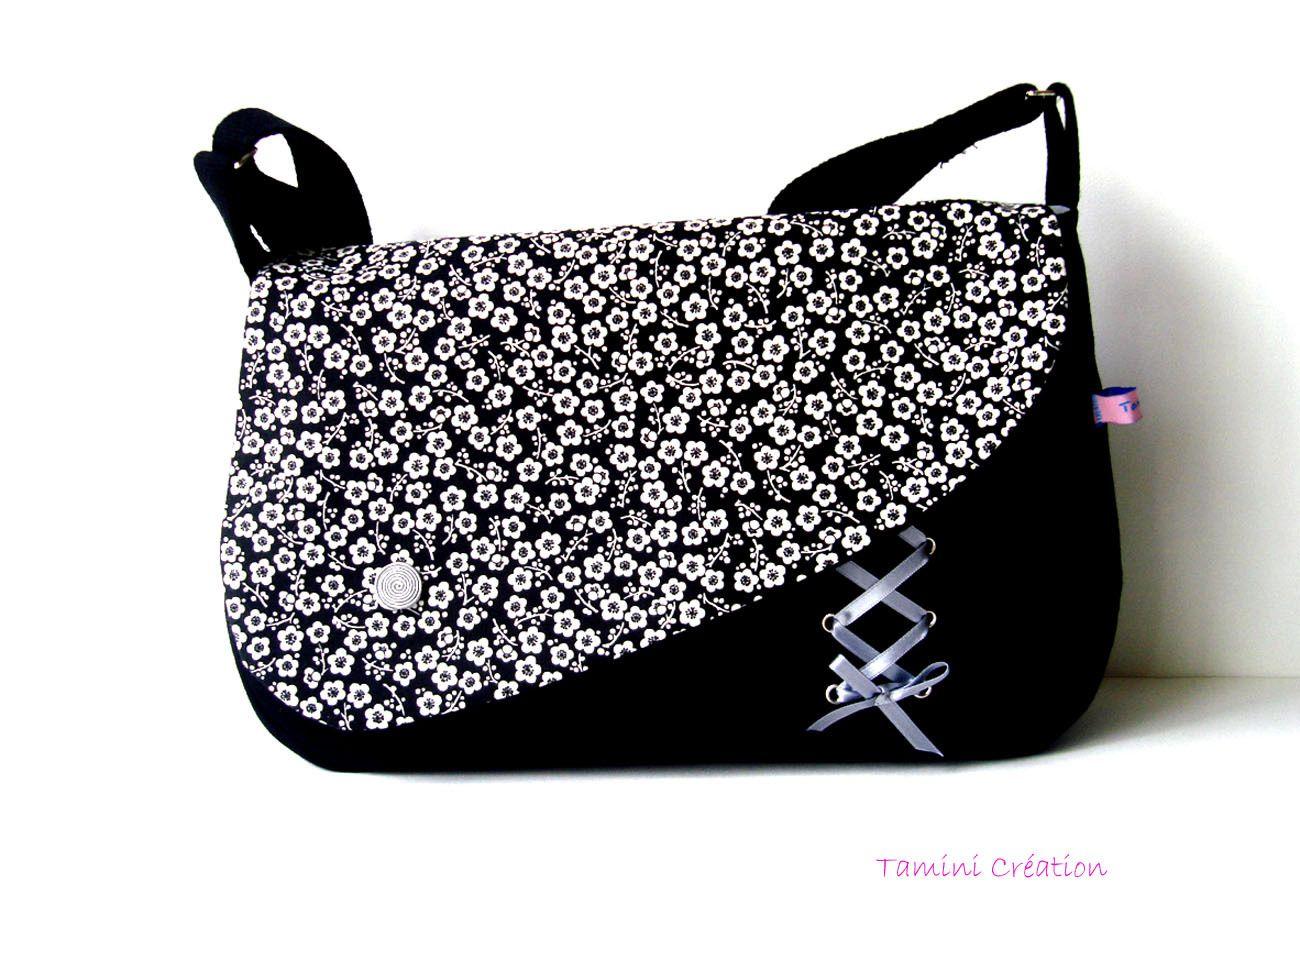 cb4bab4483 Sac besace, sac à main femme tissu japonais Hanaé : Sacs bandoulière par  tamini